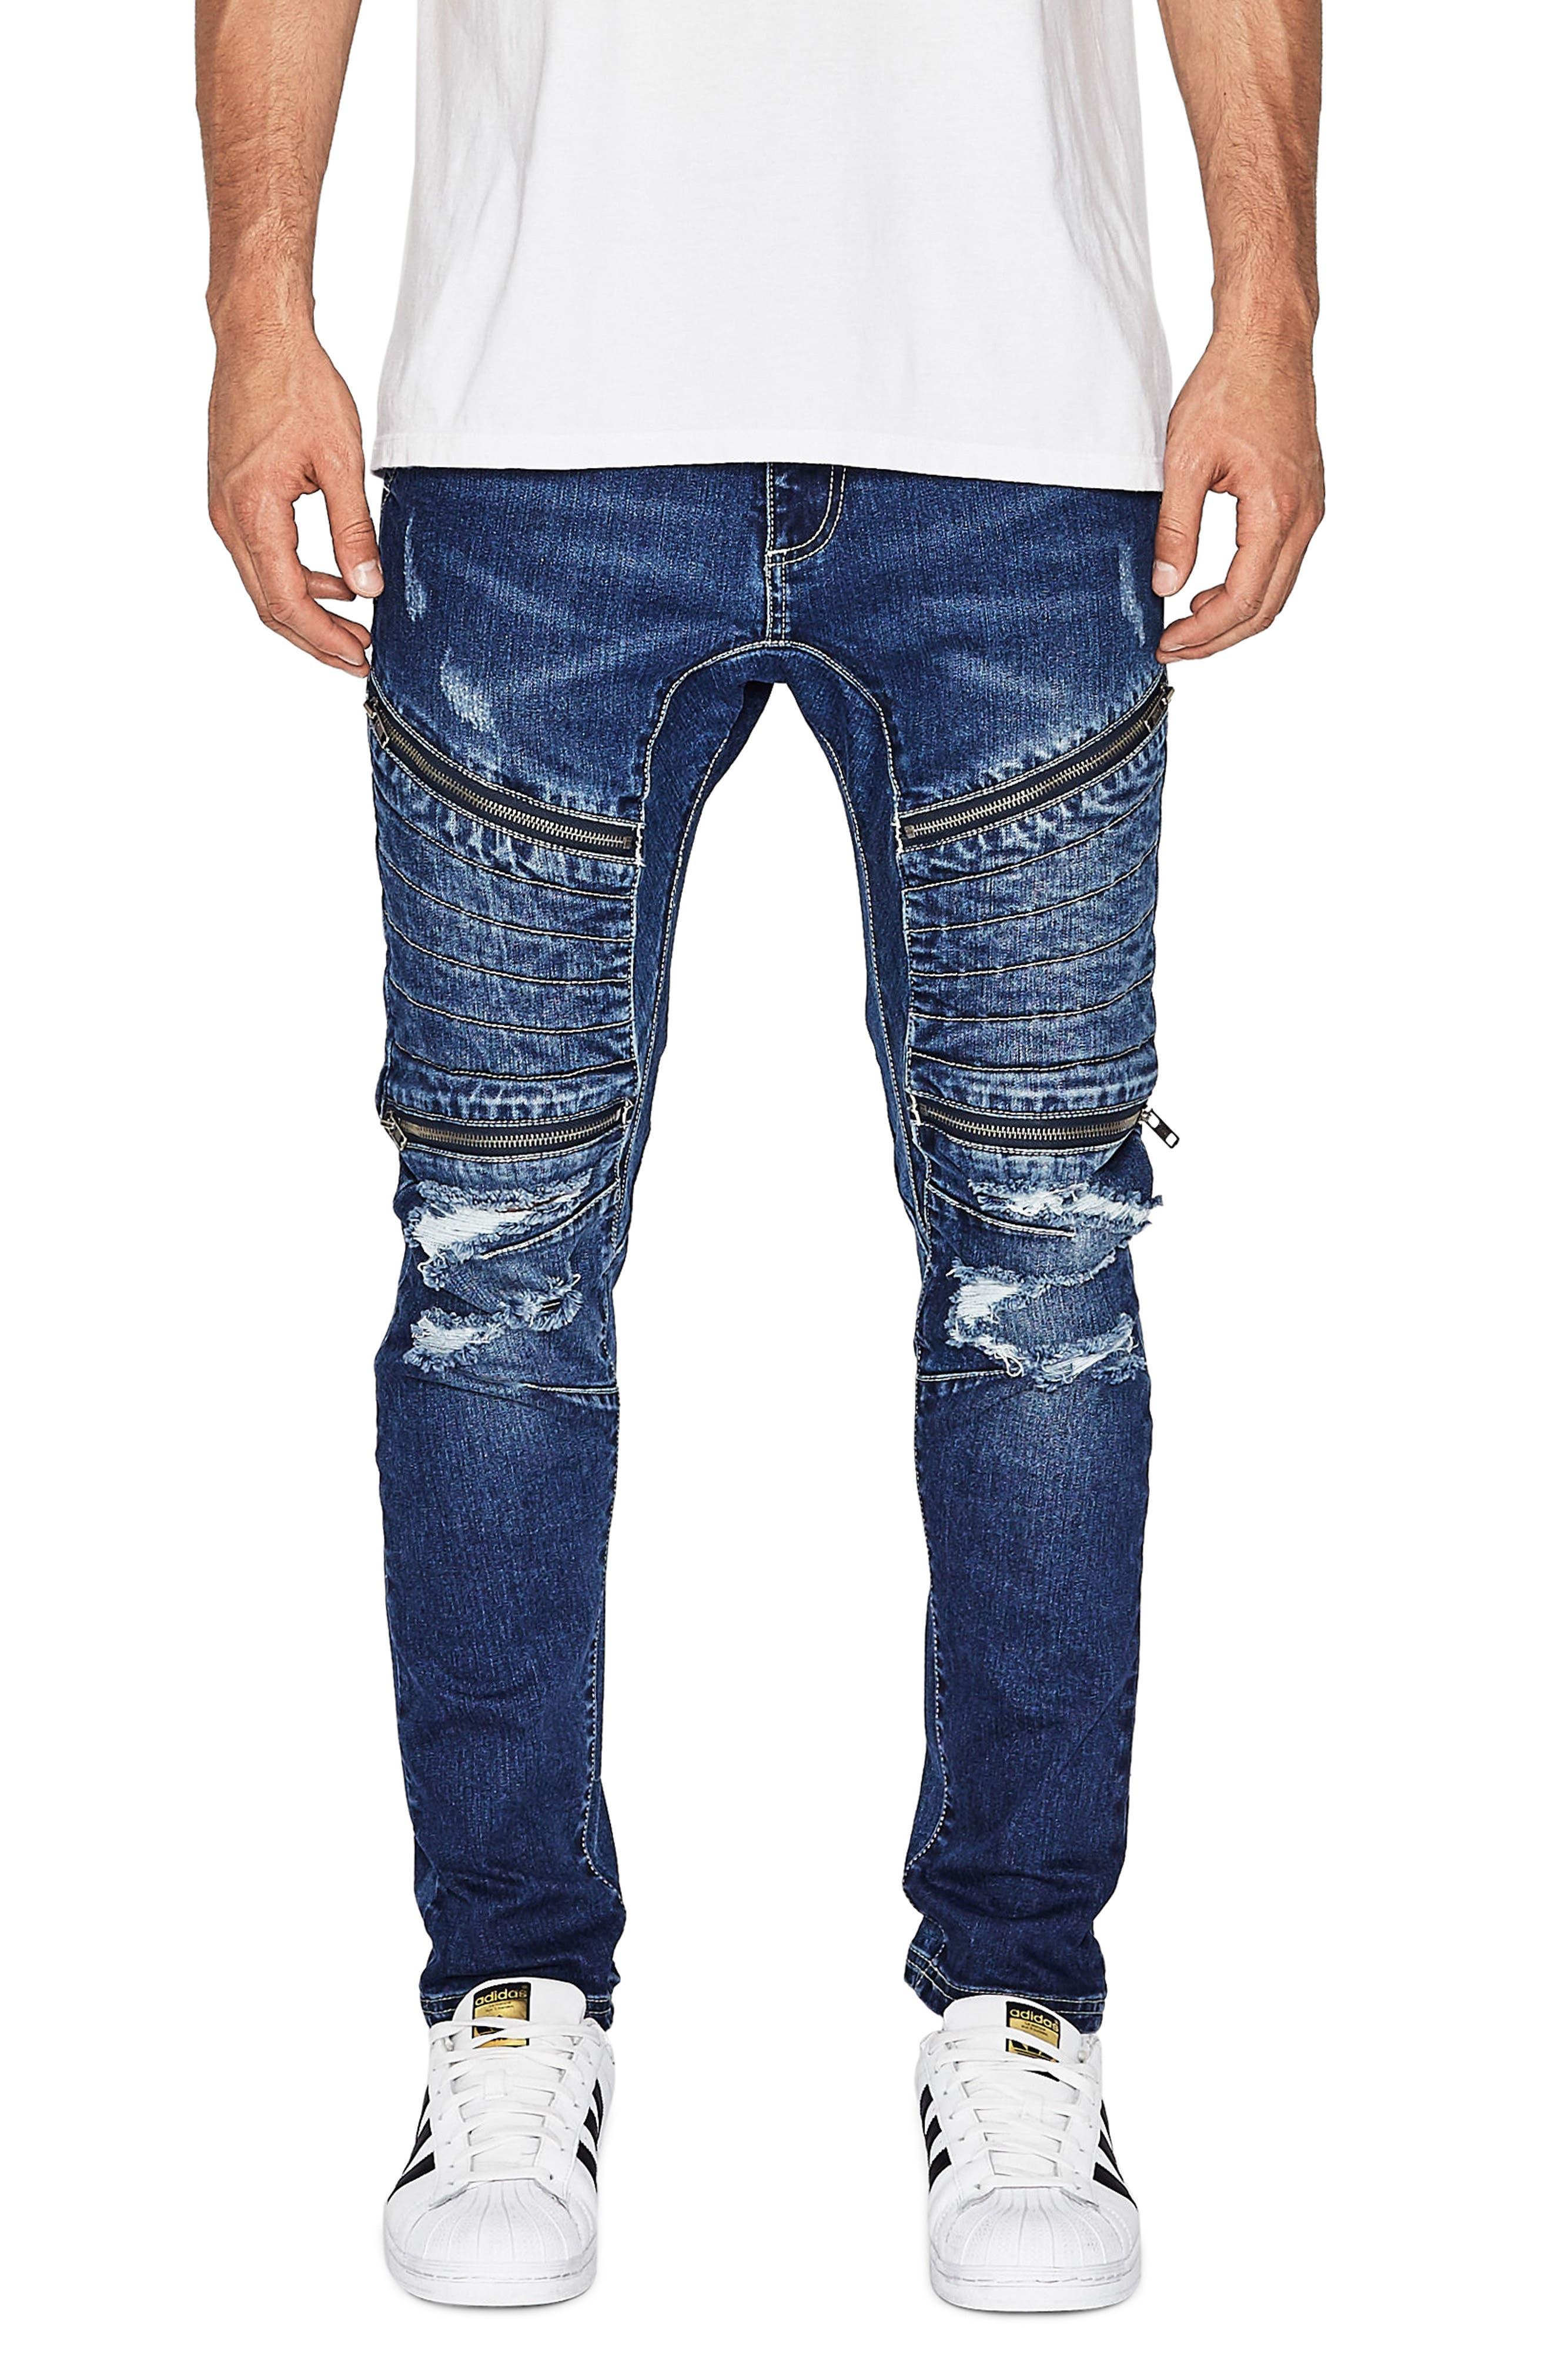 NXP Vengeance Skinny Moto Jeans